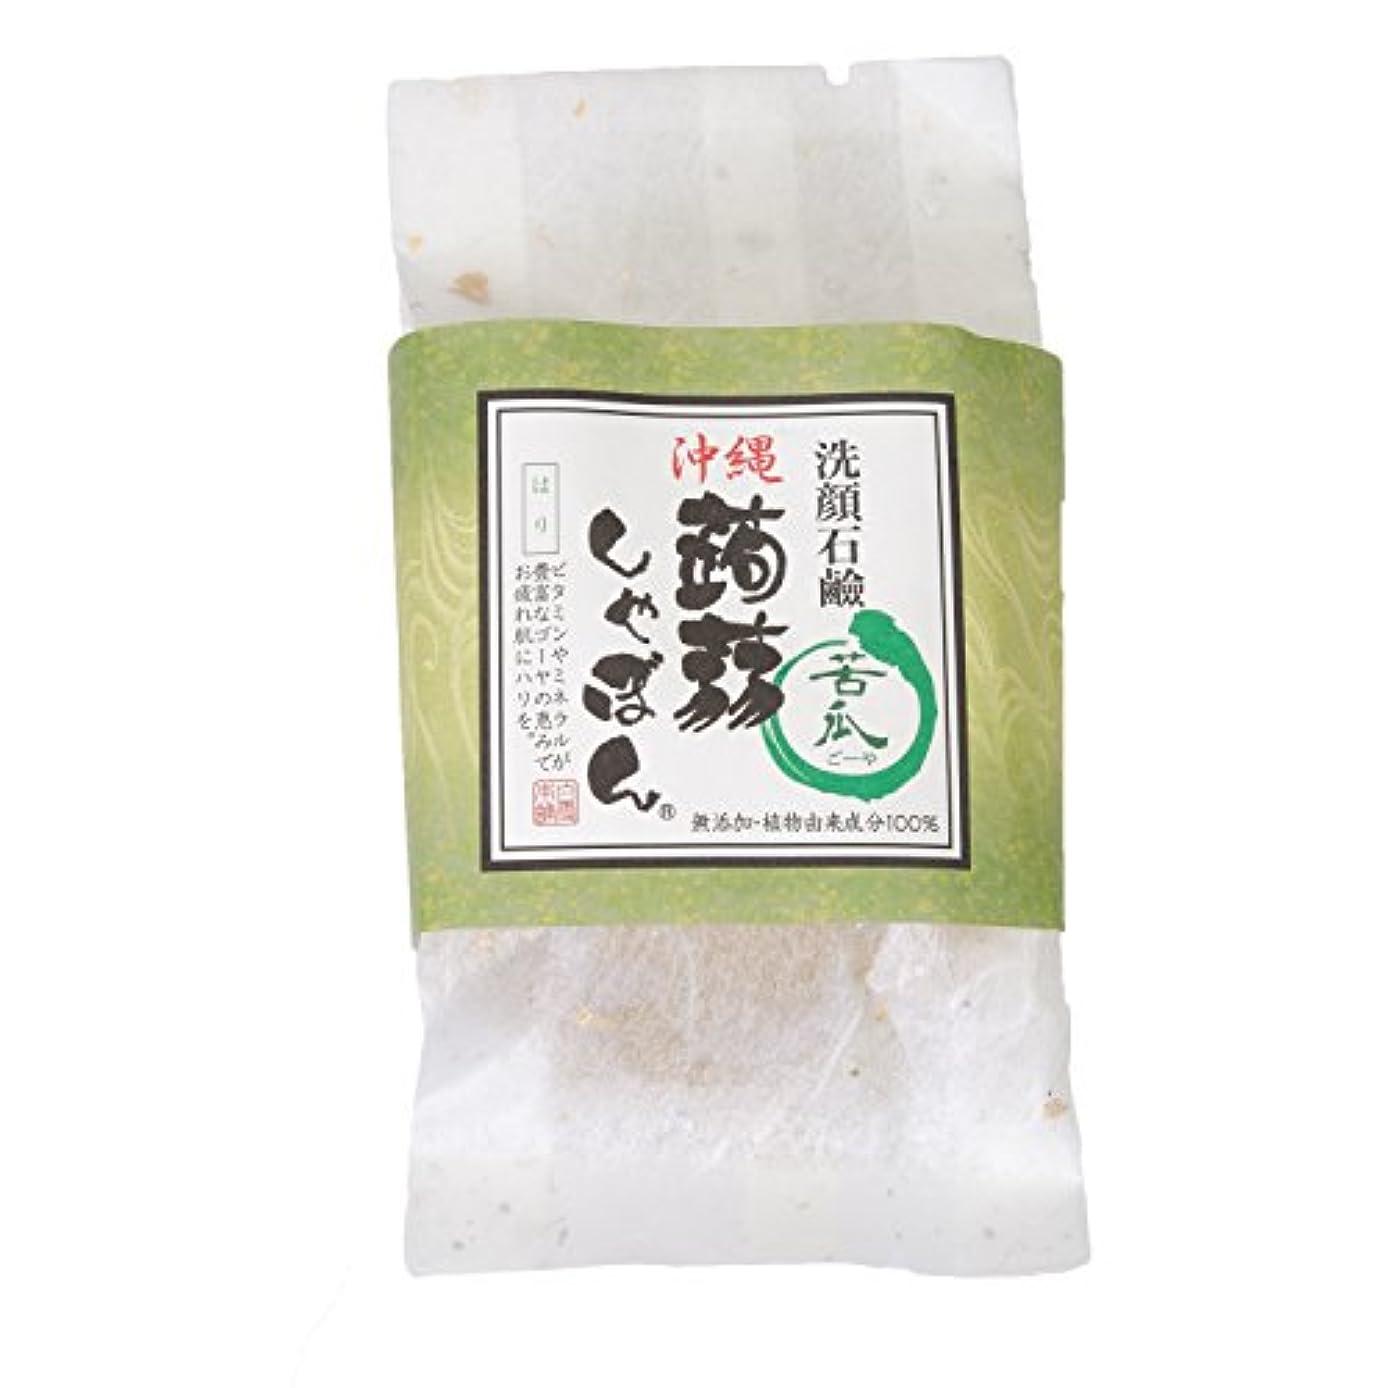 周り電報無数の沖縄 蒟蒻しゃぼん 金 ゴーヤ ぷるぷる 洗顔石鹸 石鹸 保湿 泡立ちソープ